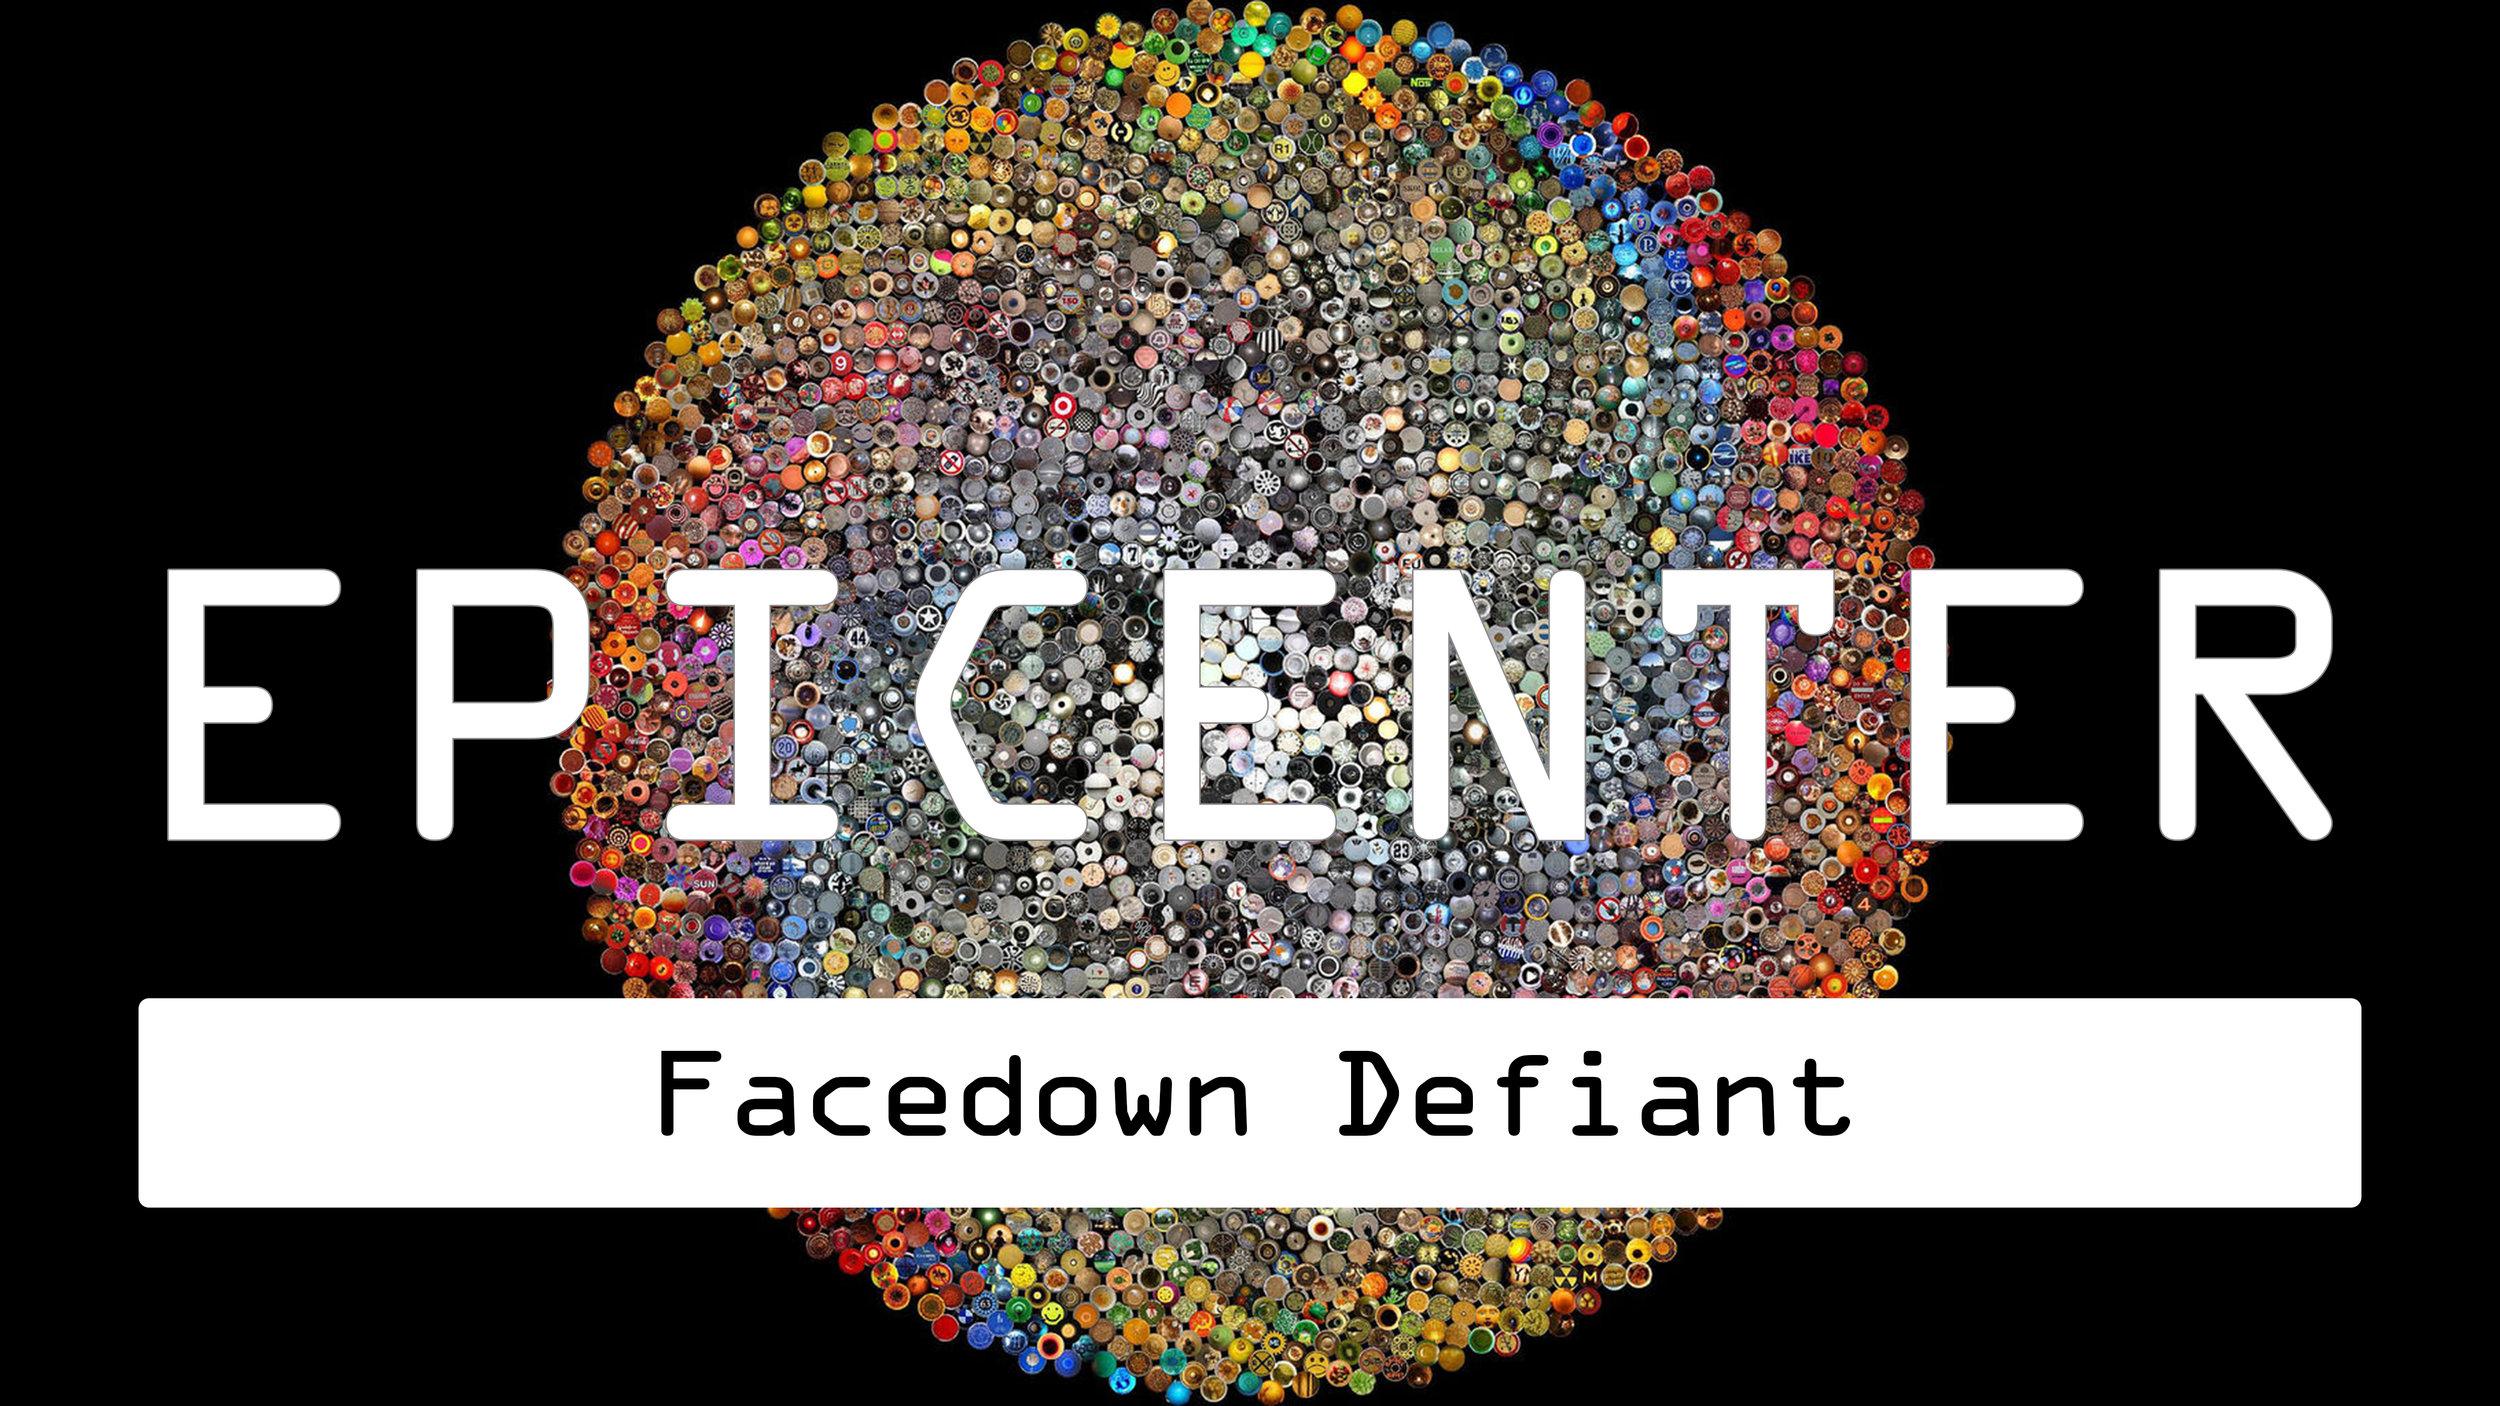 2017.01.29_FacedownDefiant.jpg